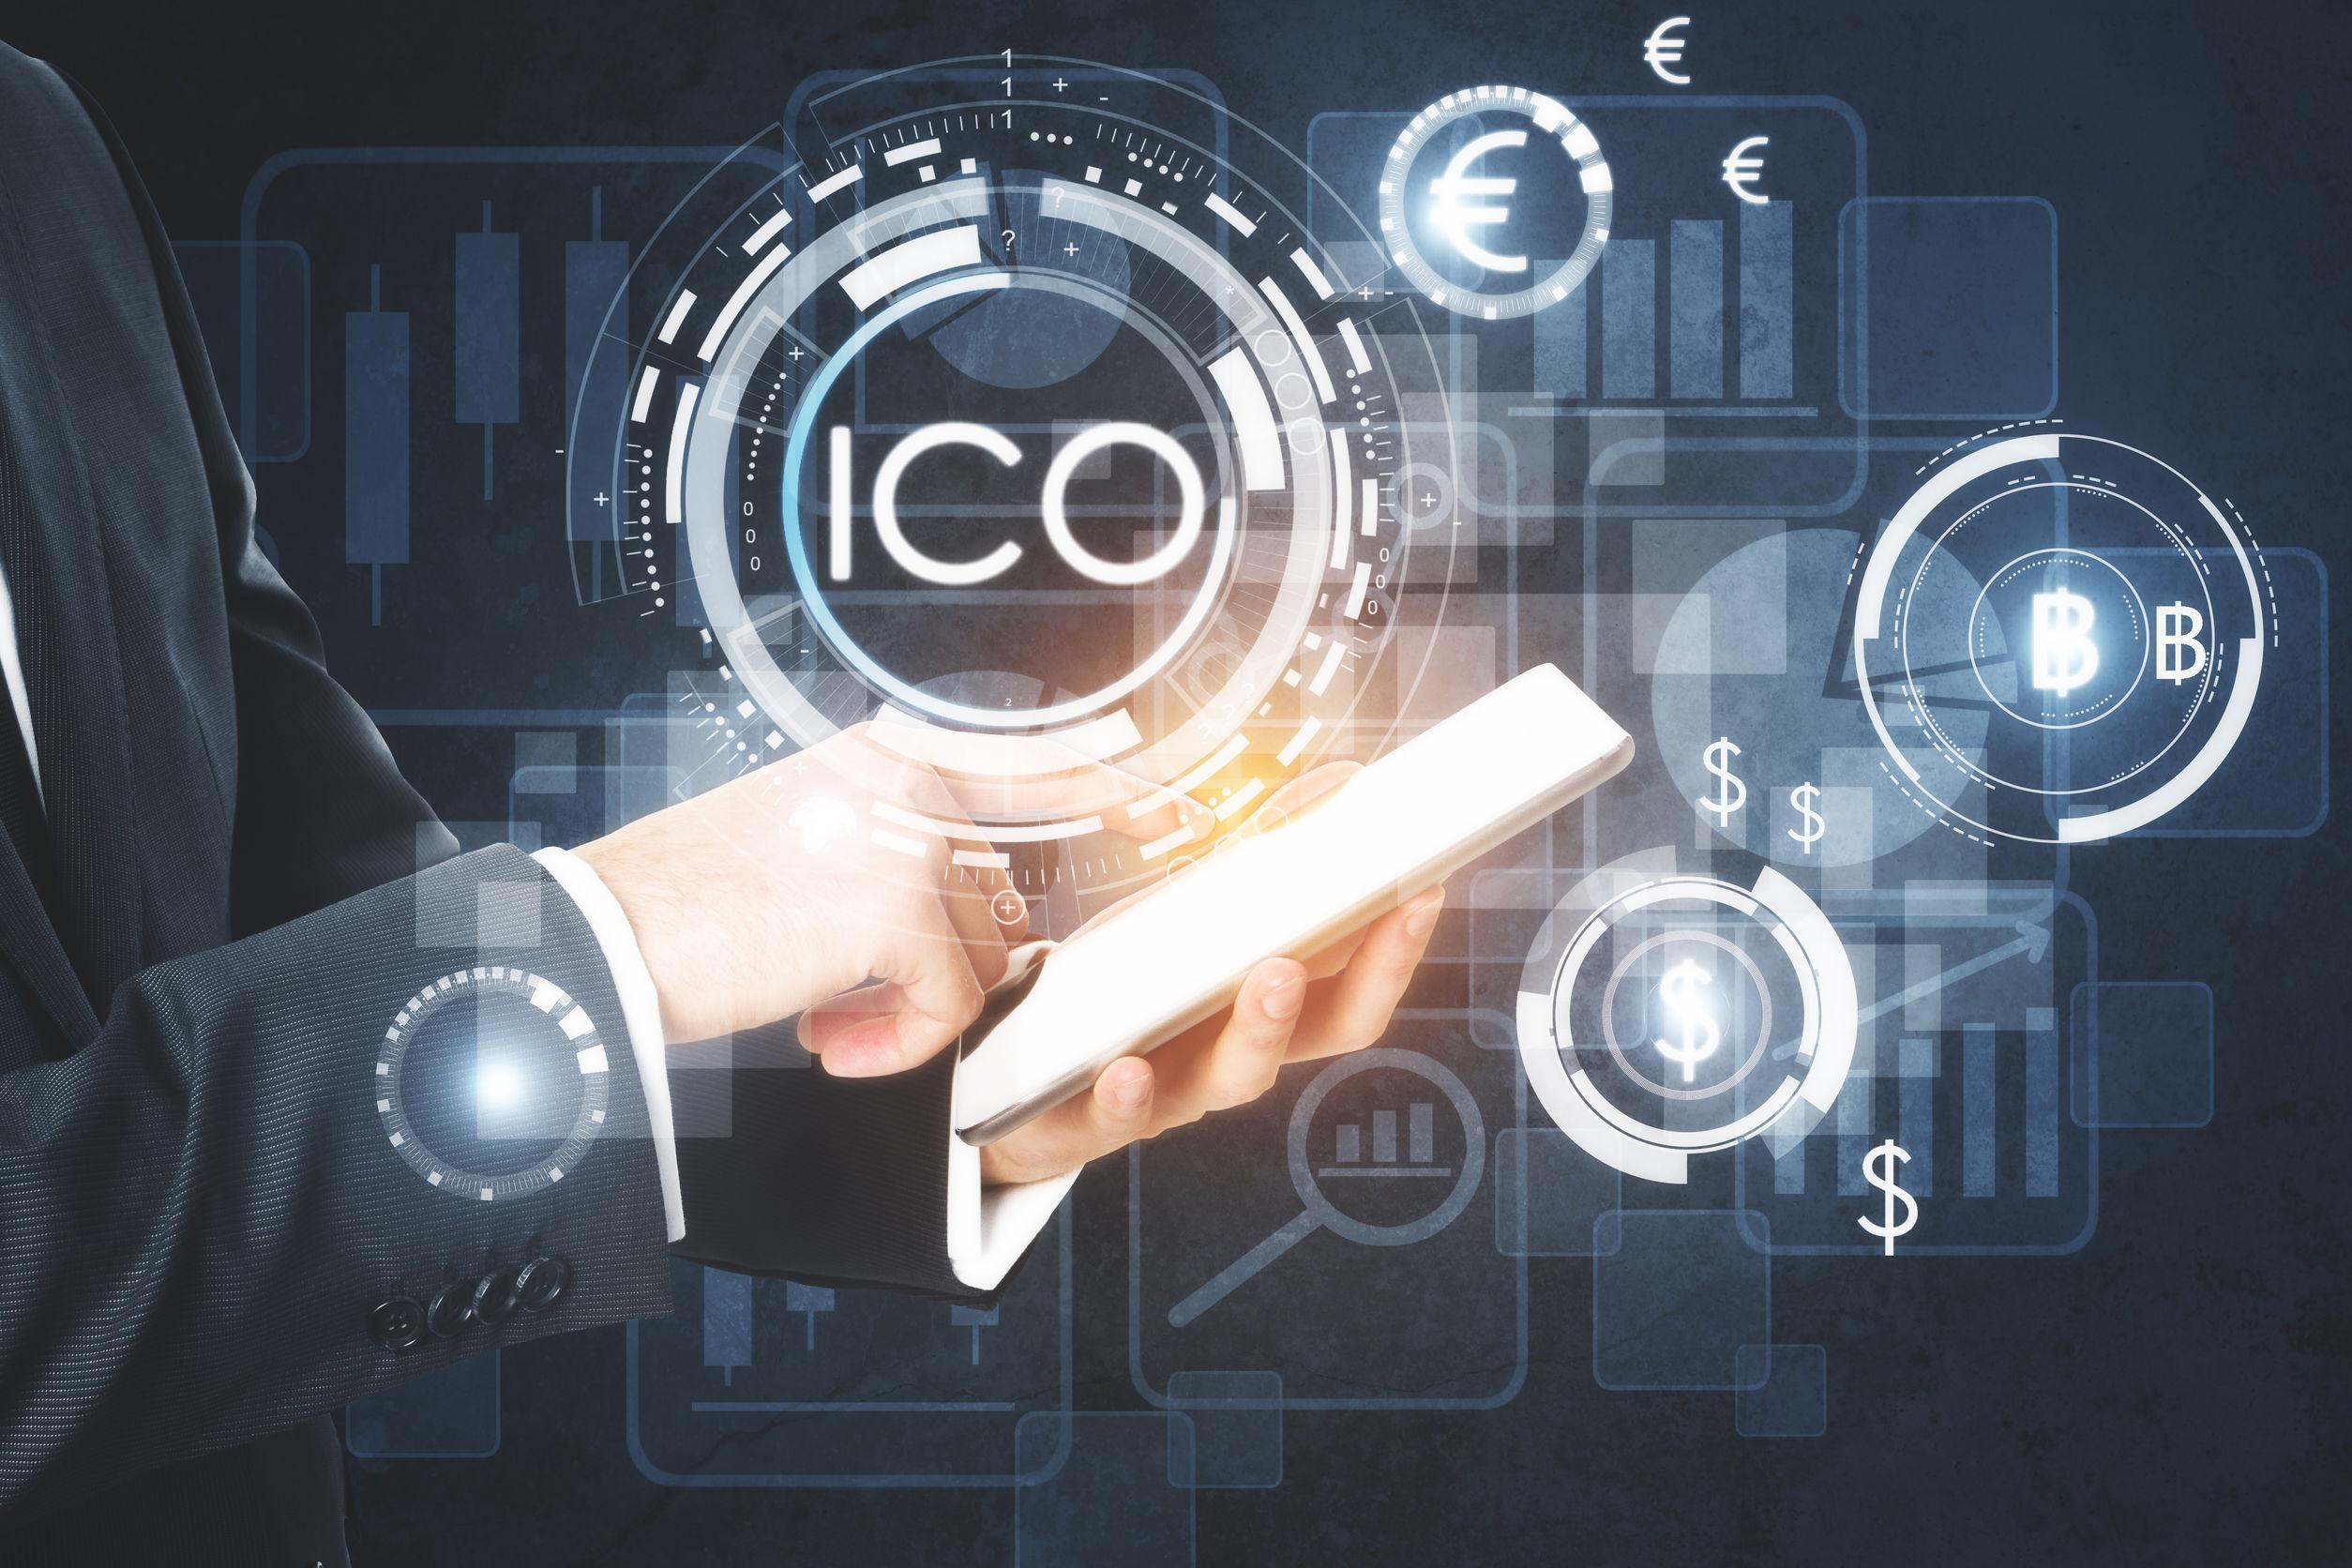 PWC: интерес к блокчейну и выпуску токенов (ICO) сохраняется